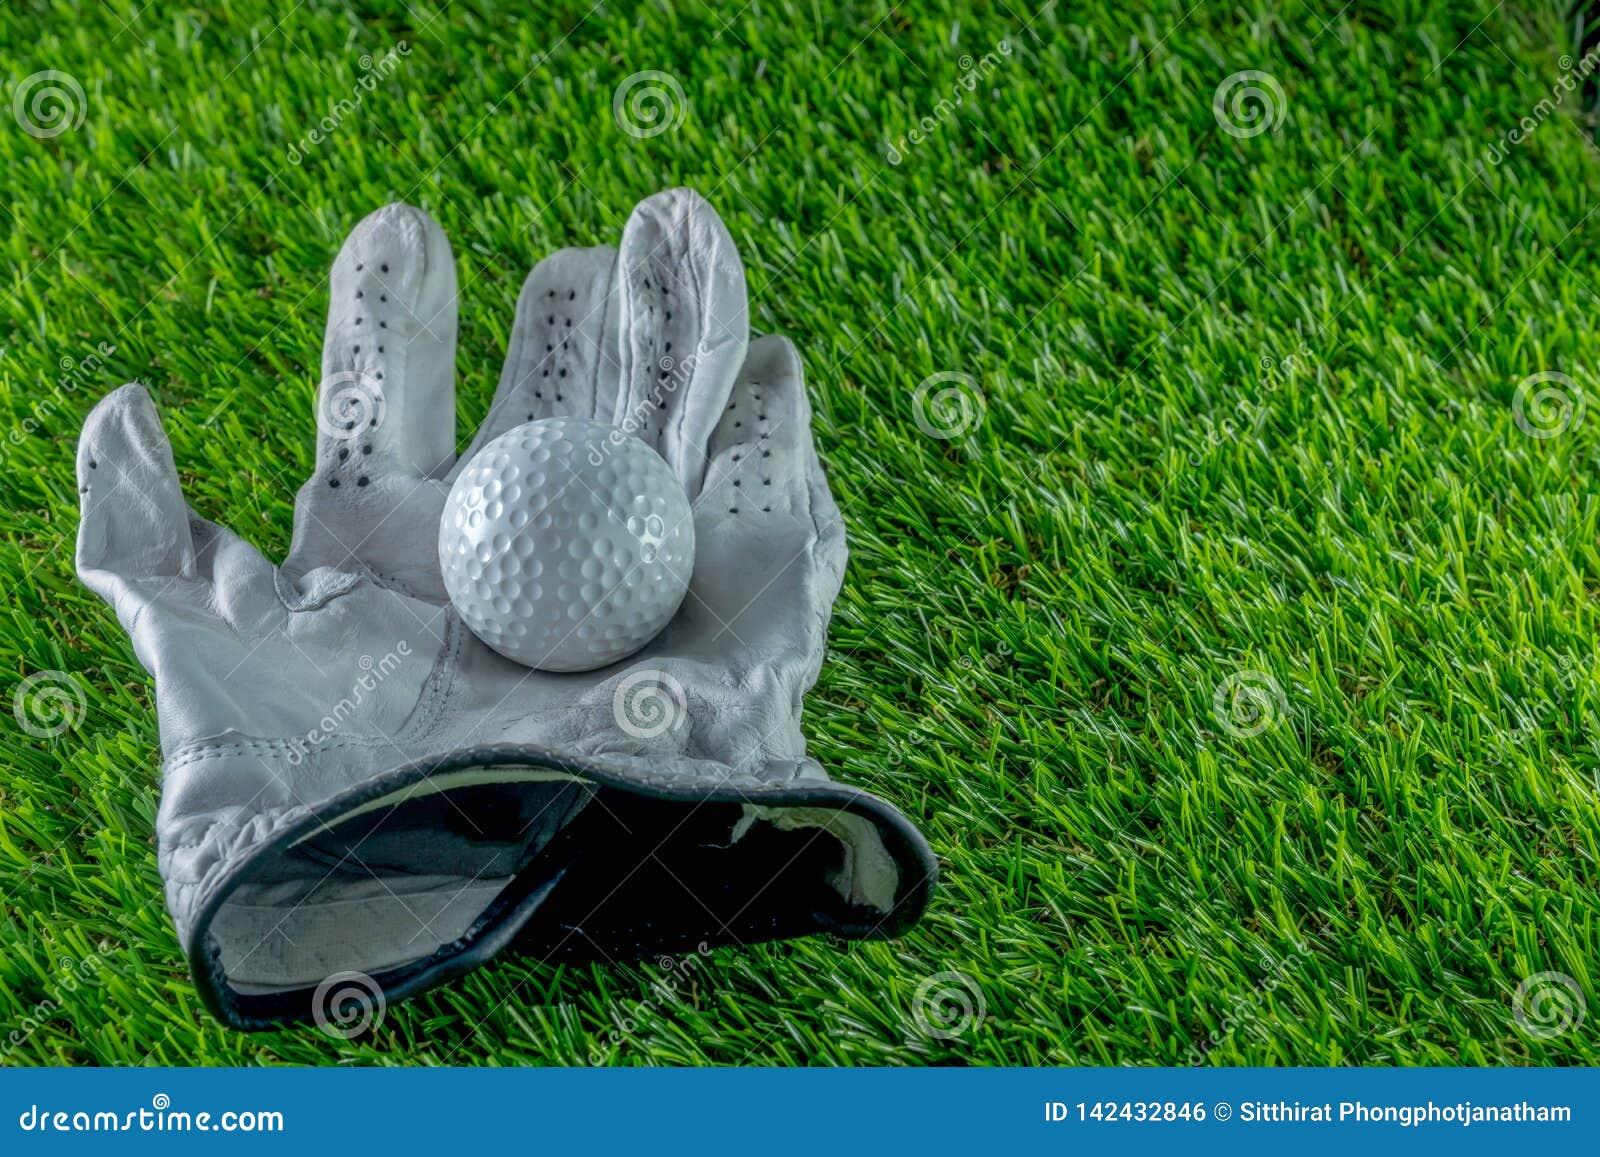 Piłka golfowa i rękawiczka na trawie